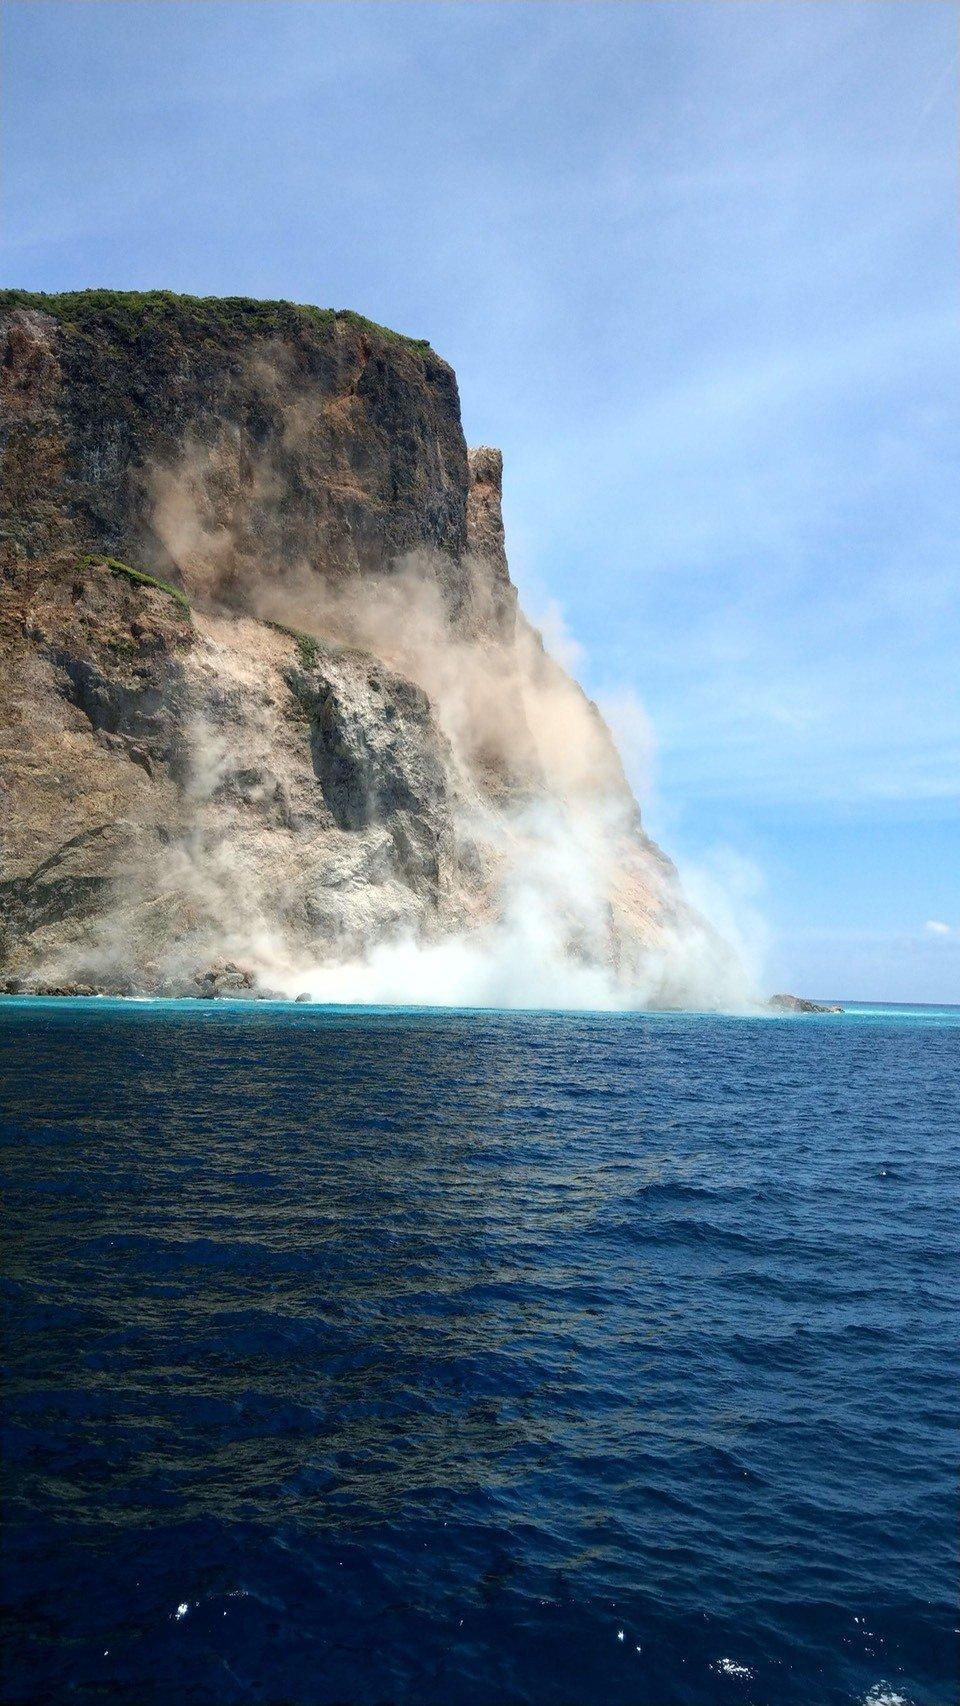 龜山島崩塌影像曝光, 由於崩塌嚴重,瞬間掀起揚塵,龜首少了一角。 圖/東北角提供